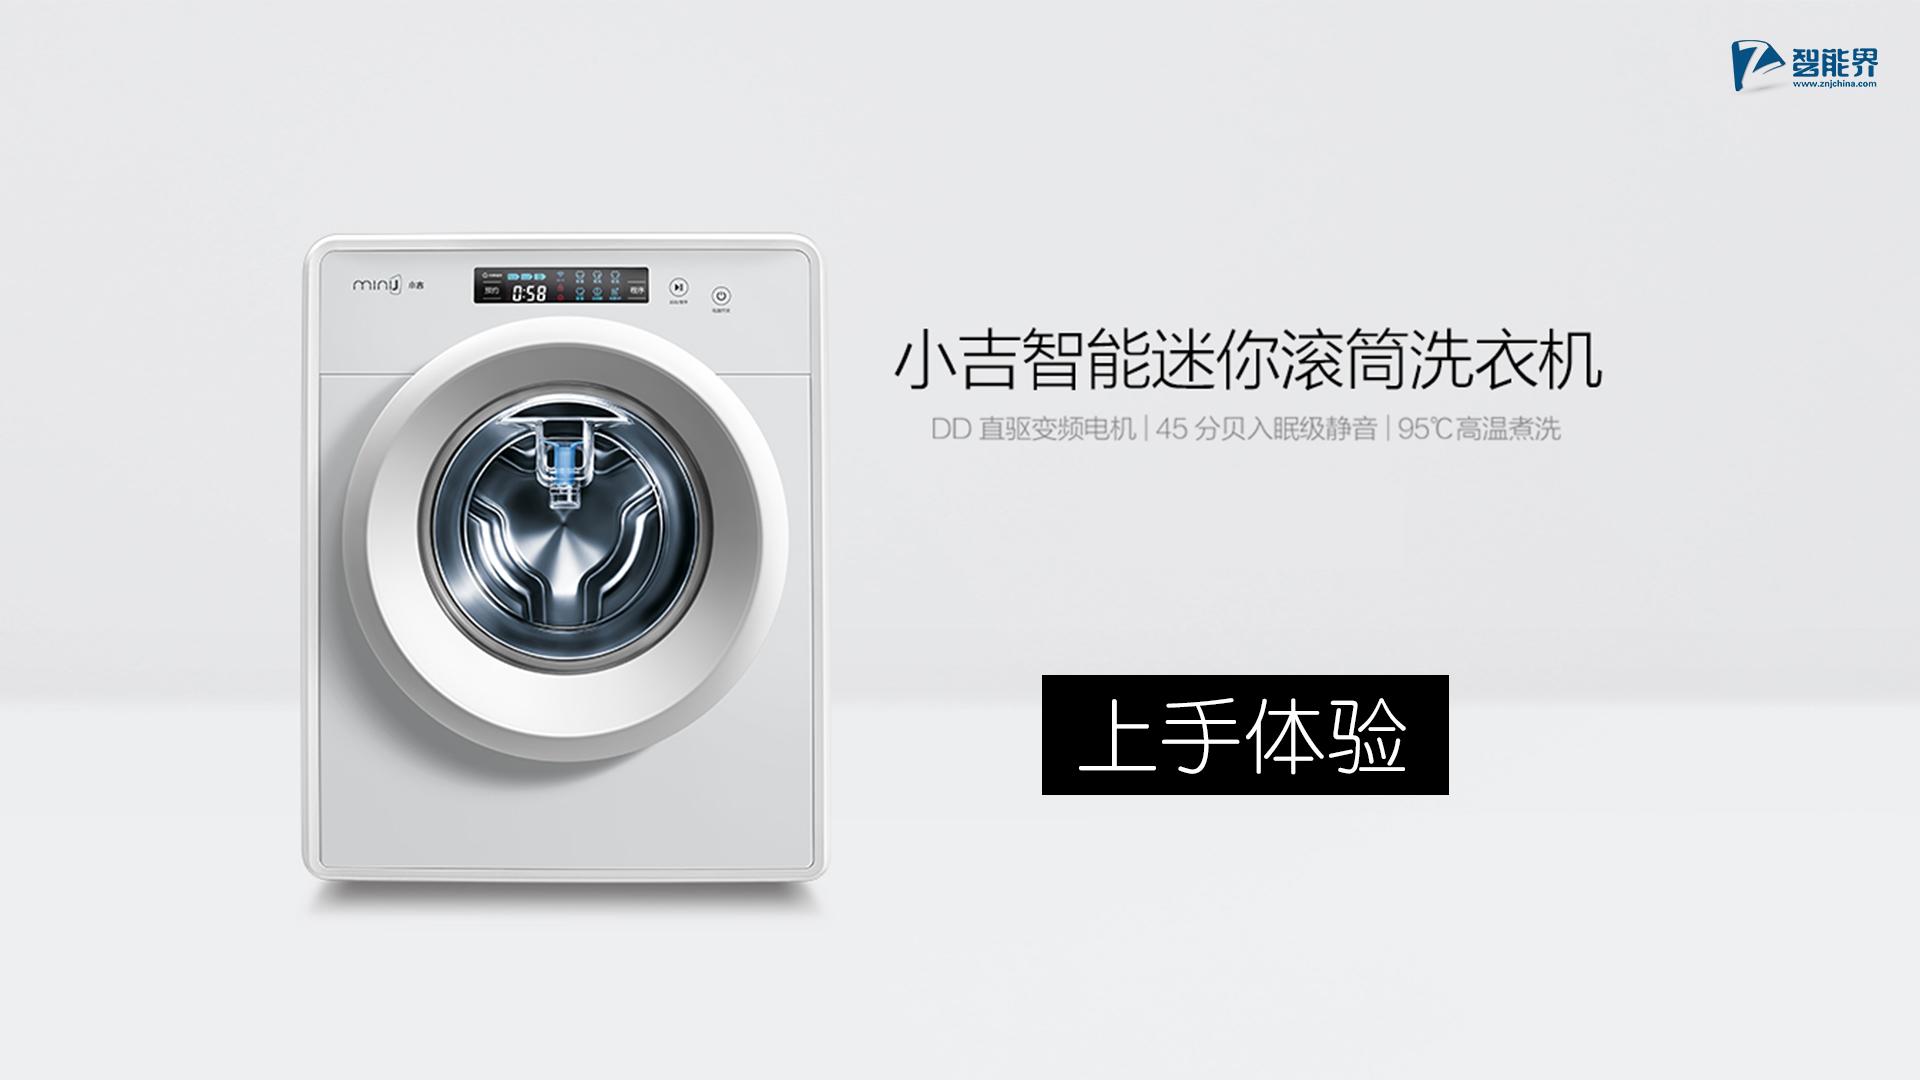 智能洗衣机器人 小吉智能迷你滚筒洗衣机上手体验